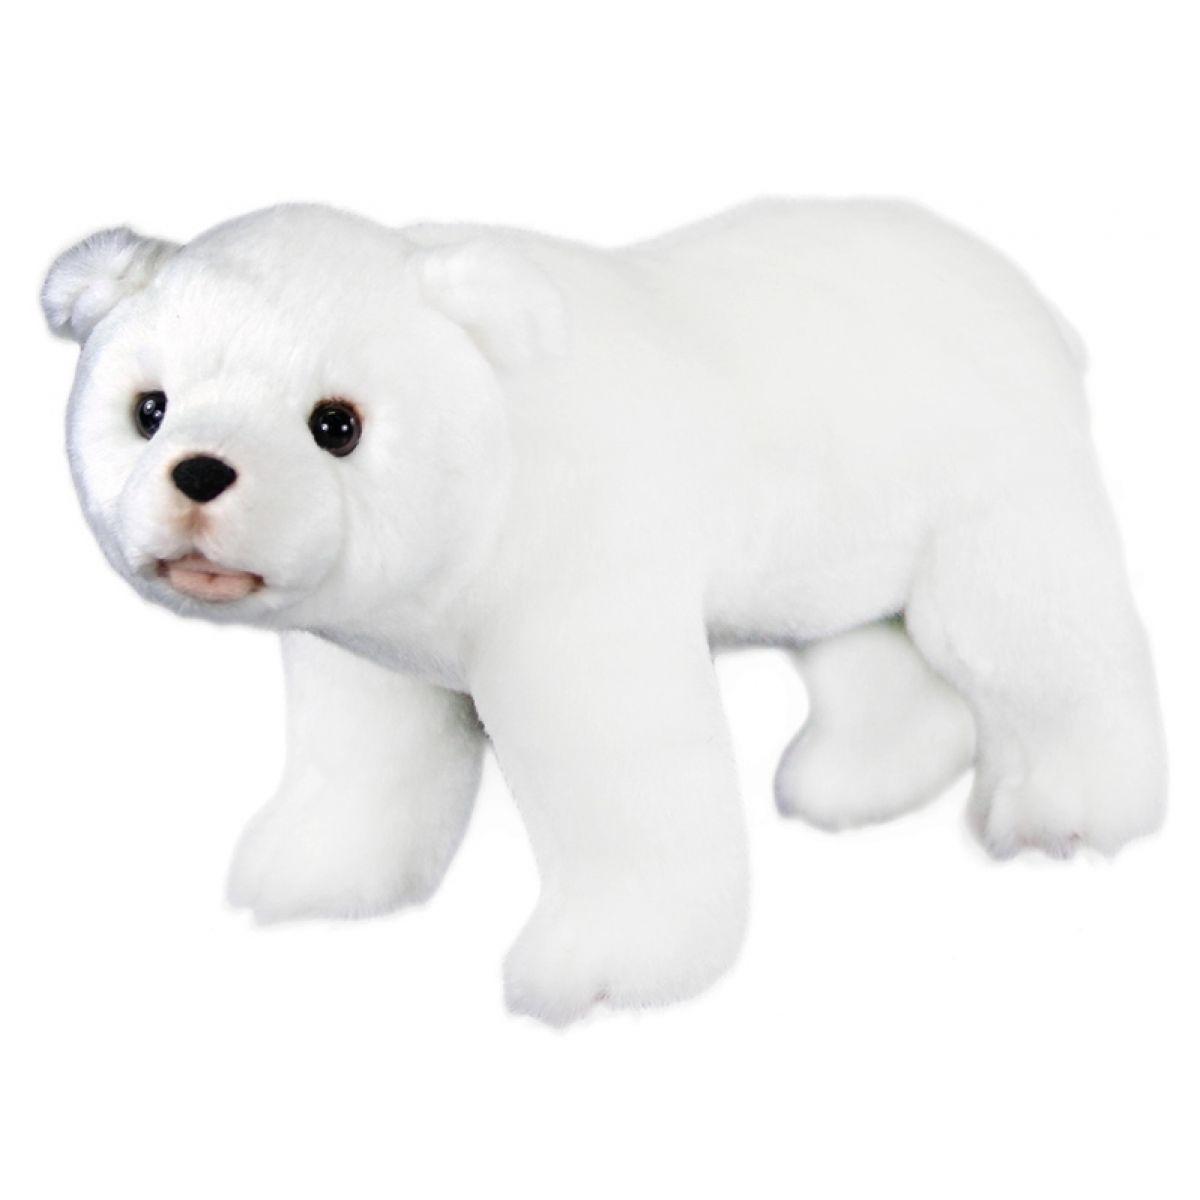 Plyšový lední medvěd stojící 28 cm